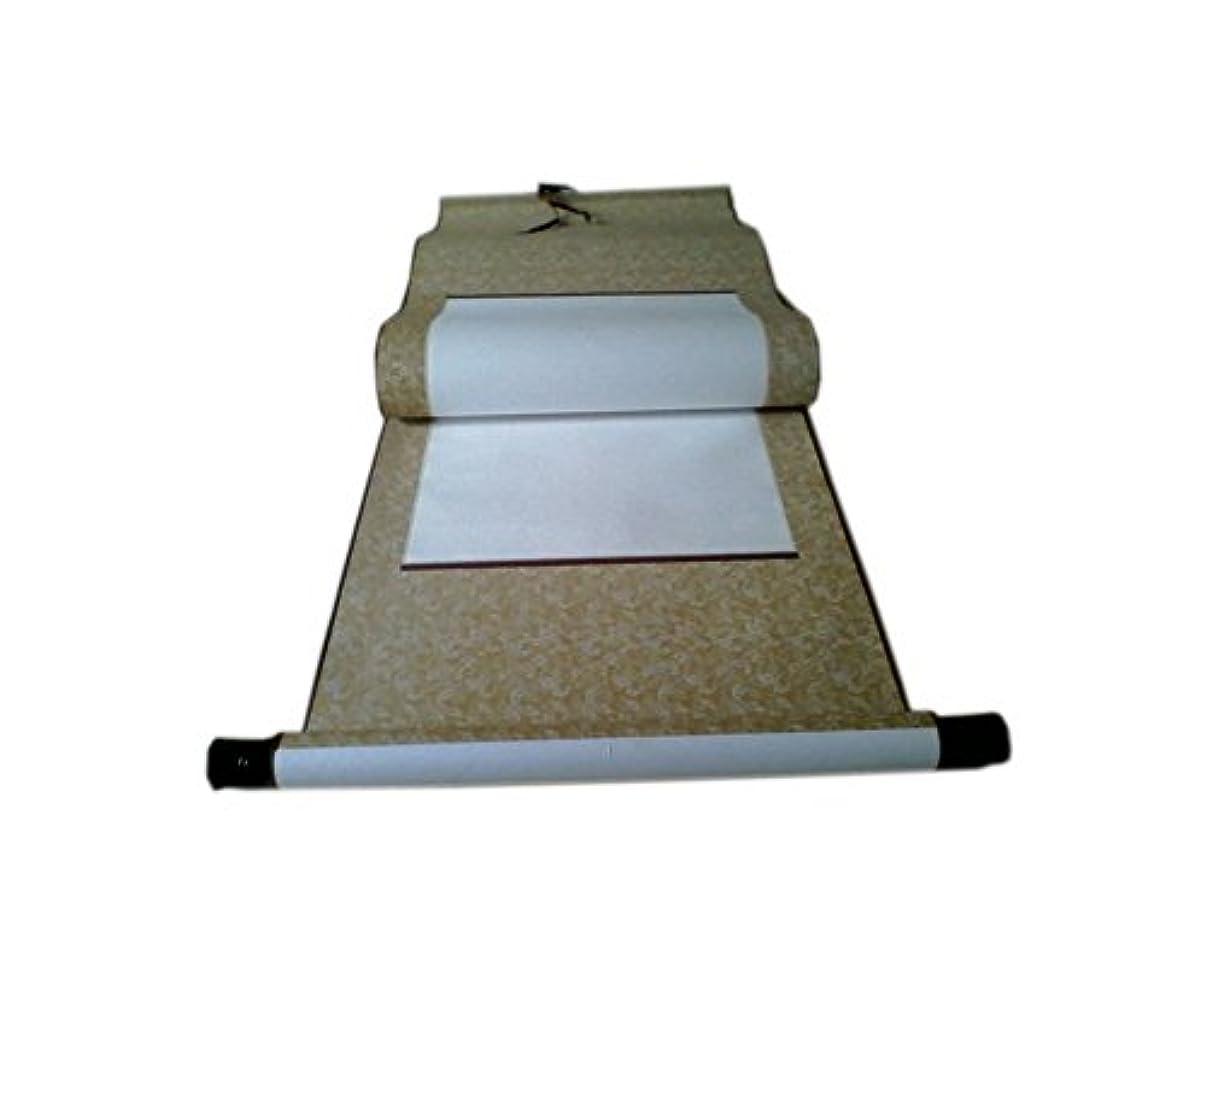 コンベンション突破口トラクター66インチの古典的な空白の書道は、紙ぶら下げスクロール、1対のランダムな色をスクロールします